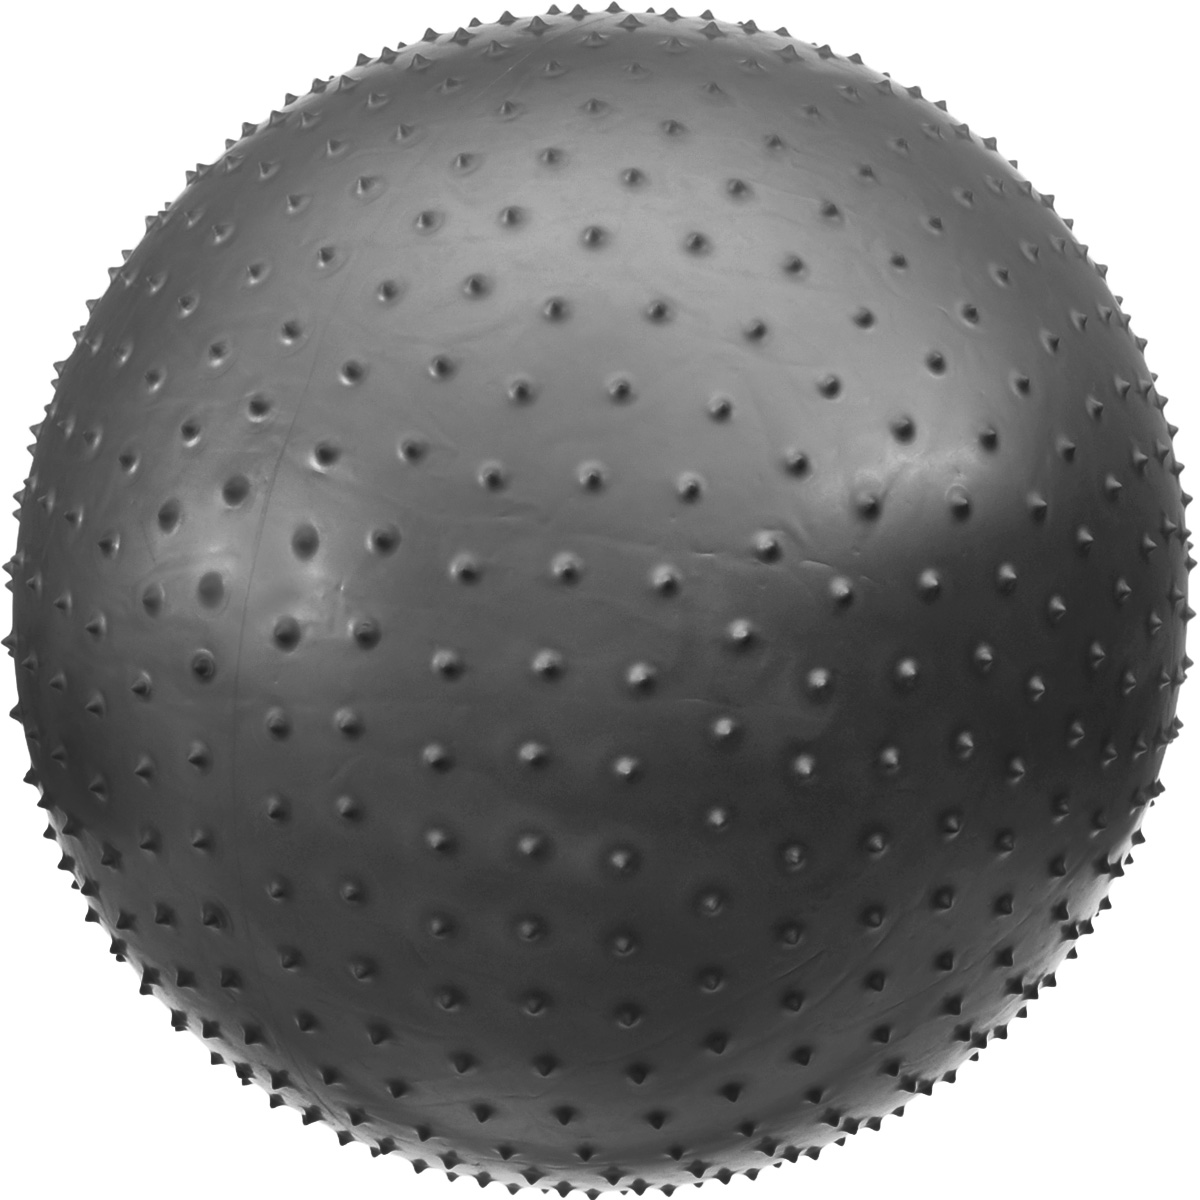 Мяч для фитнеса Bradex, массажный, 75 смSF 0018Массажный мяч для фитнеса Bradex отличается от обычного мяча для фитнеса поверхностью, которая дополнительно обеспечивает массаж в течение выполнения упражнений на нем. Взрослые могут использовать мяч в качестве минитренажера, направленного на снижение веса и общего укрепления организма. Для детей он станет веселой и полезной игрушкой, благотворно влияющей на формирование правильной осанки, гибкости, ловкости и пластичности. Мяч сделан в соответствии с антивзрывной технологией, гарантирующей безопасность во время эксплуатации. Накачать гимнастический мяч можно с помощью любого насоса (ручного или ножного) или же компрессором. Для этого необходимо воспользоваться конусообразным переходником, который, как правило, поставляется в комплекте с насосом или компрессором. Характеристики:Материал: ПВХ, силикон. Диаметр мяча: 75 см. Мах нагрузка: 150 кг. Размер упаковки: 21 см х 27,5 см х 14 см. Артикул: SF0018. Производитель: Китай.